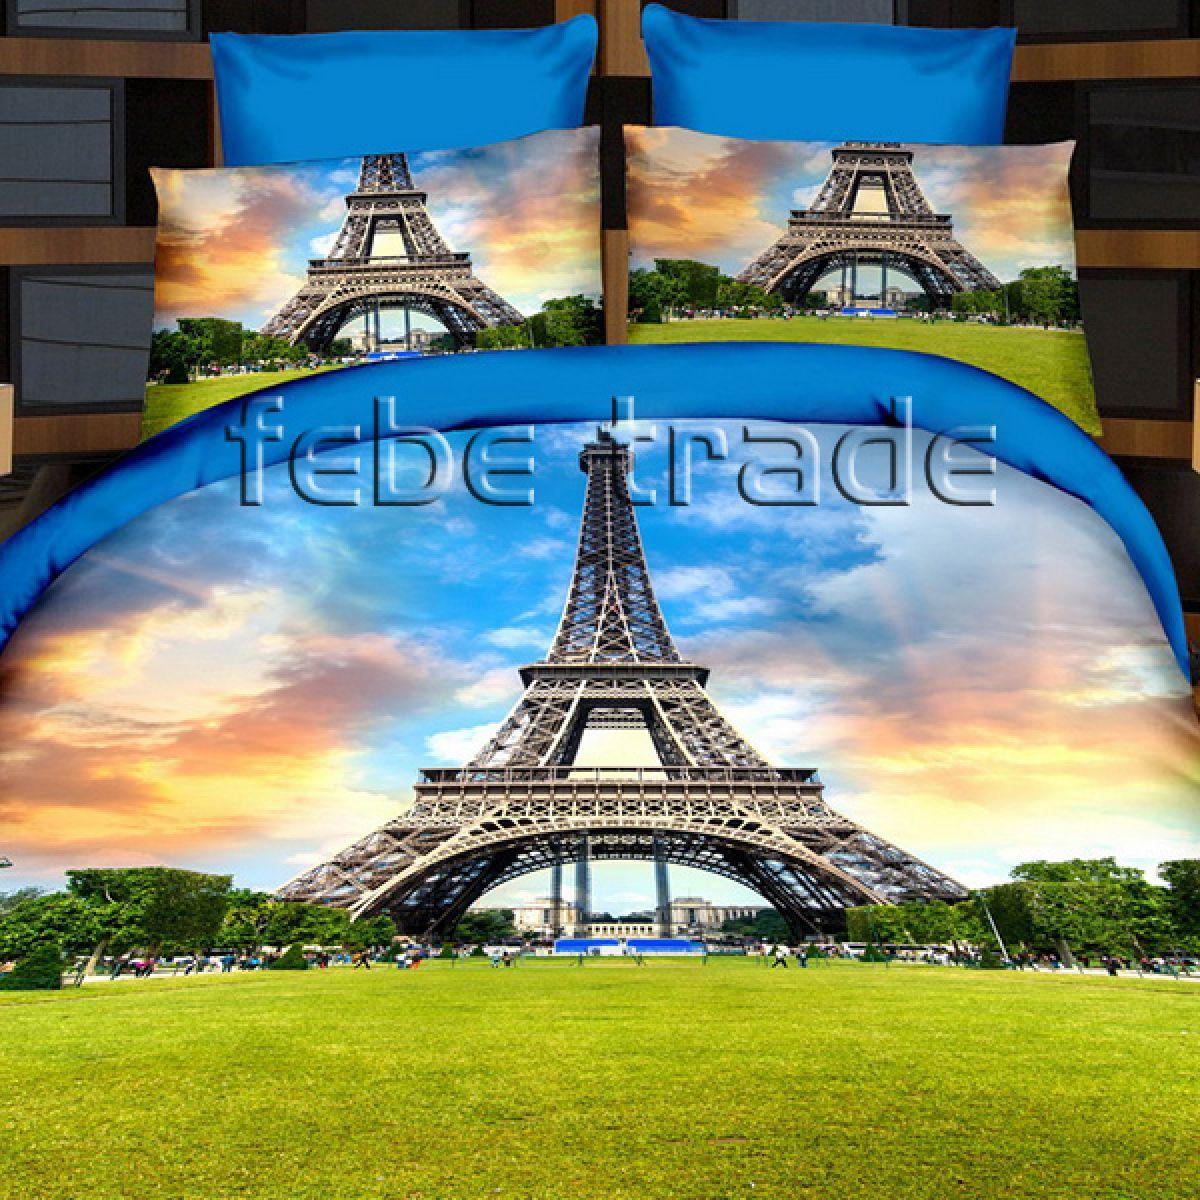 3D Beddings - Cotton World - FSP-166 - 160x200 cm - 4 pcs